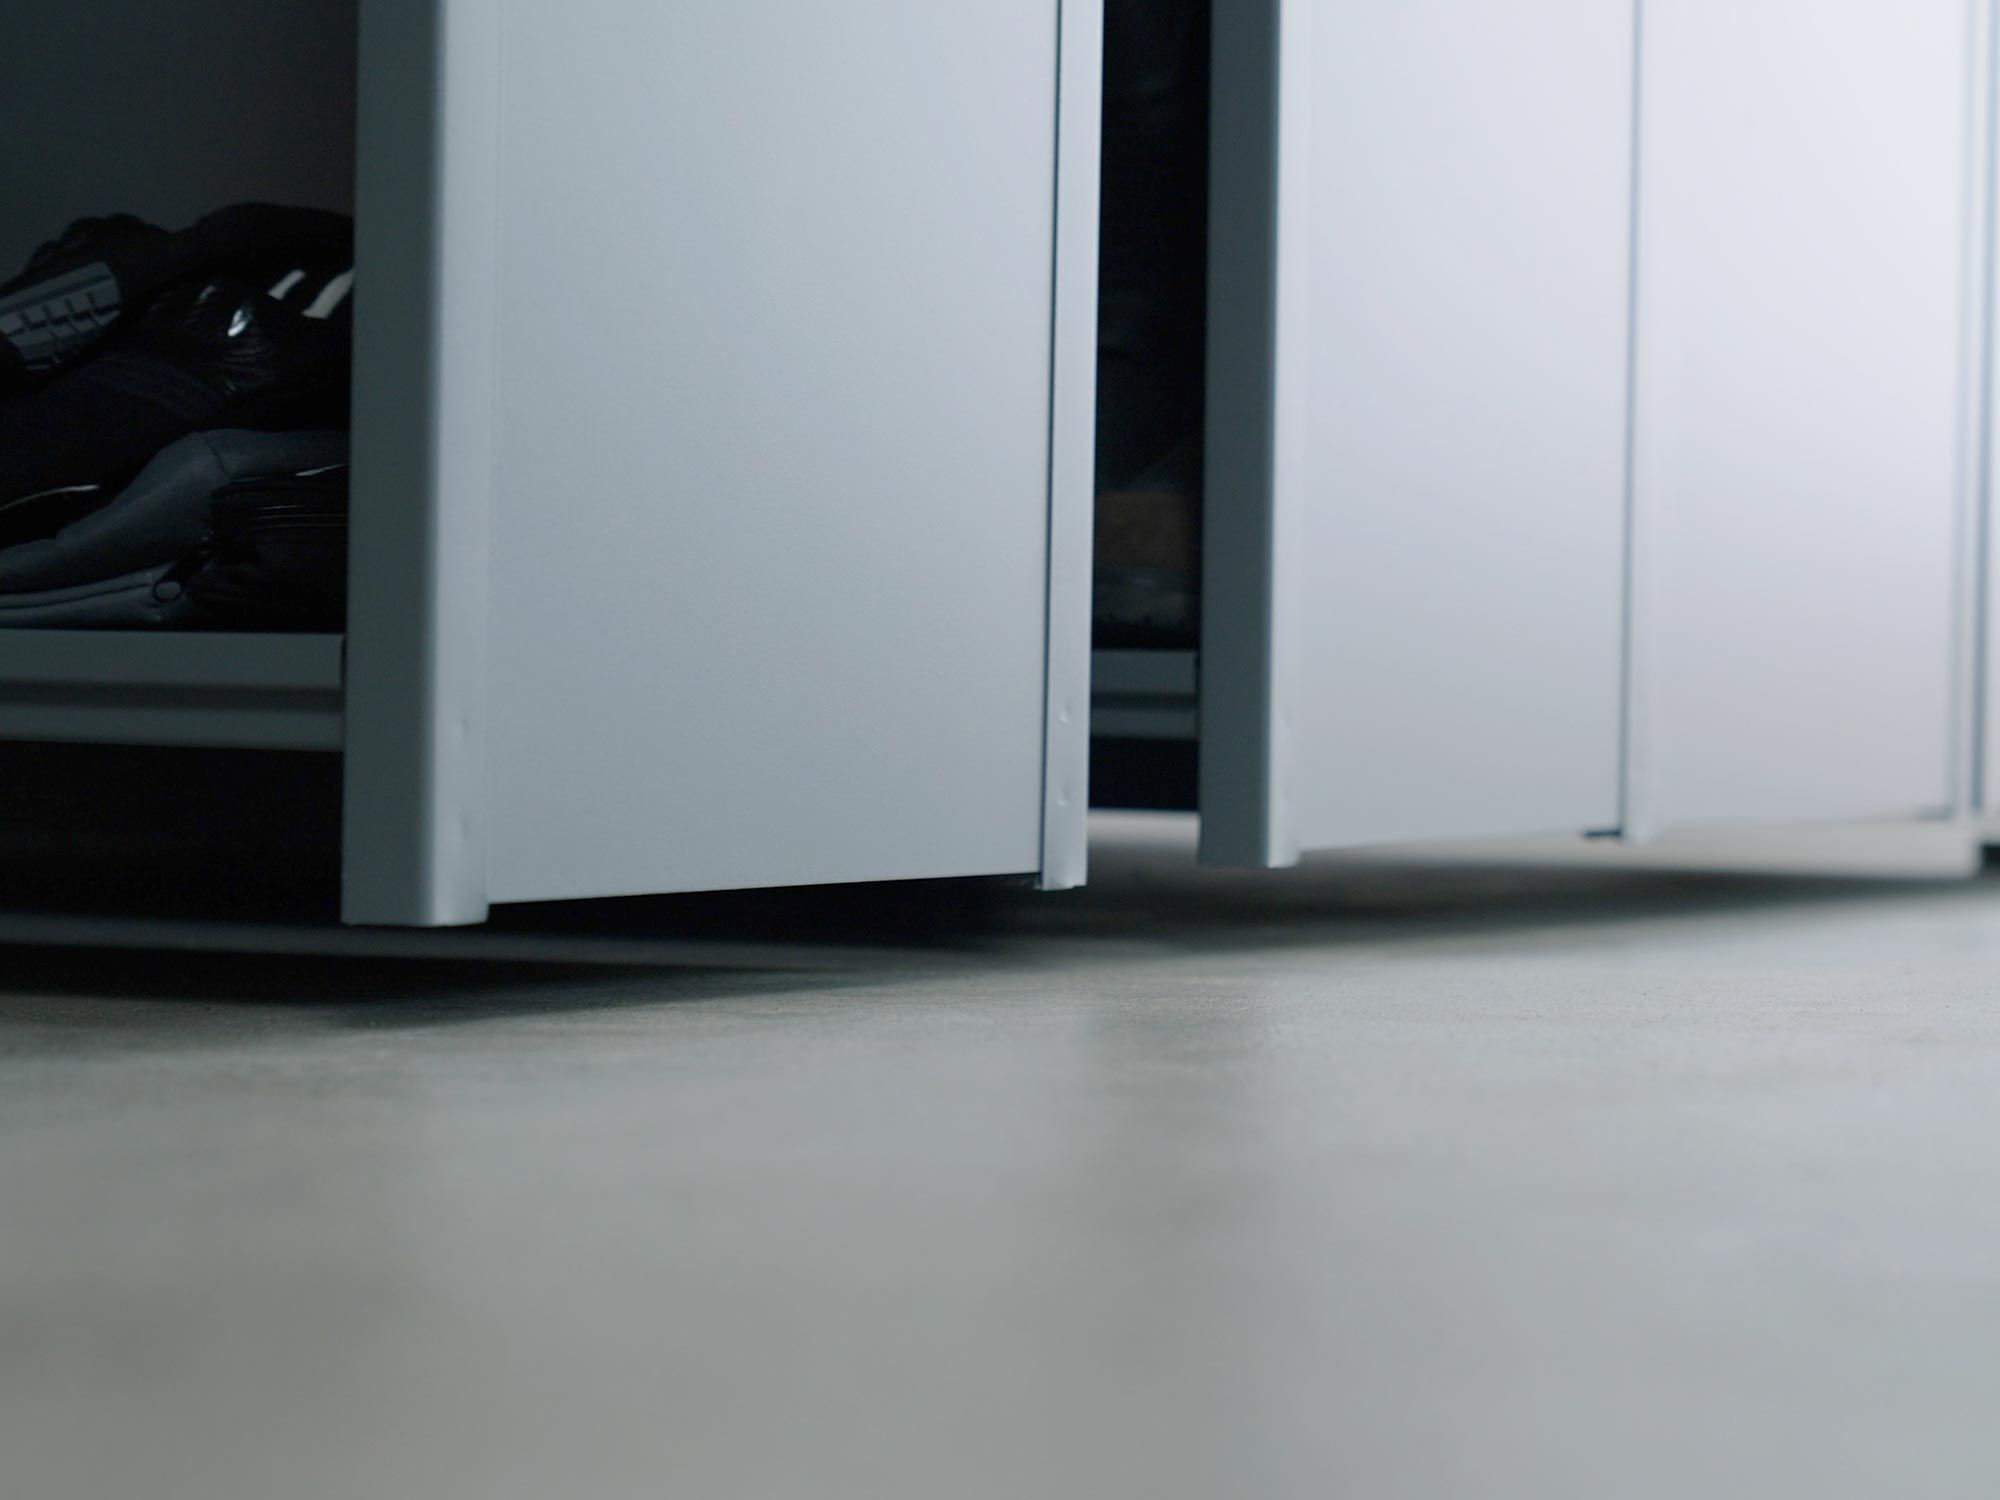 Elke plank draagt zijn gewicht bovenop, wat zorgt voor een strakke uitstraling.